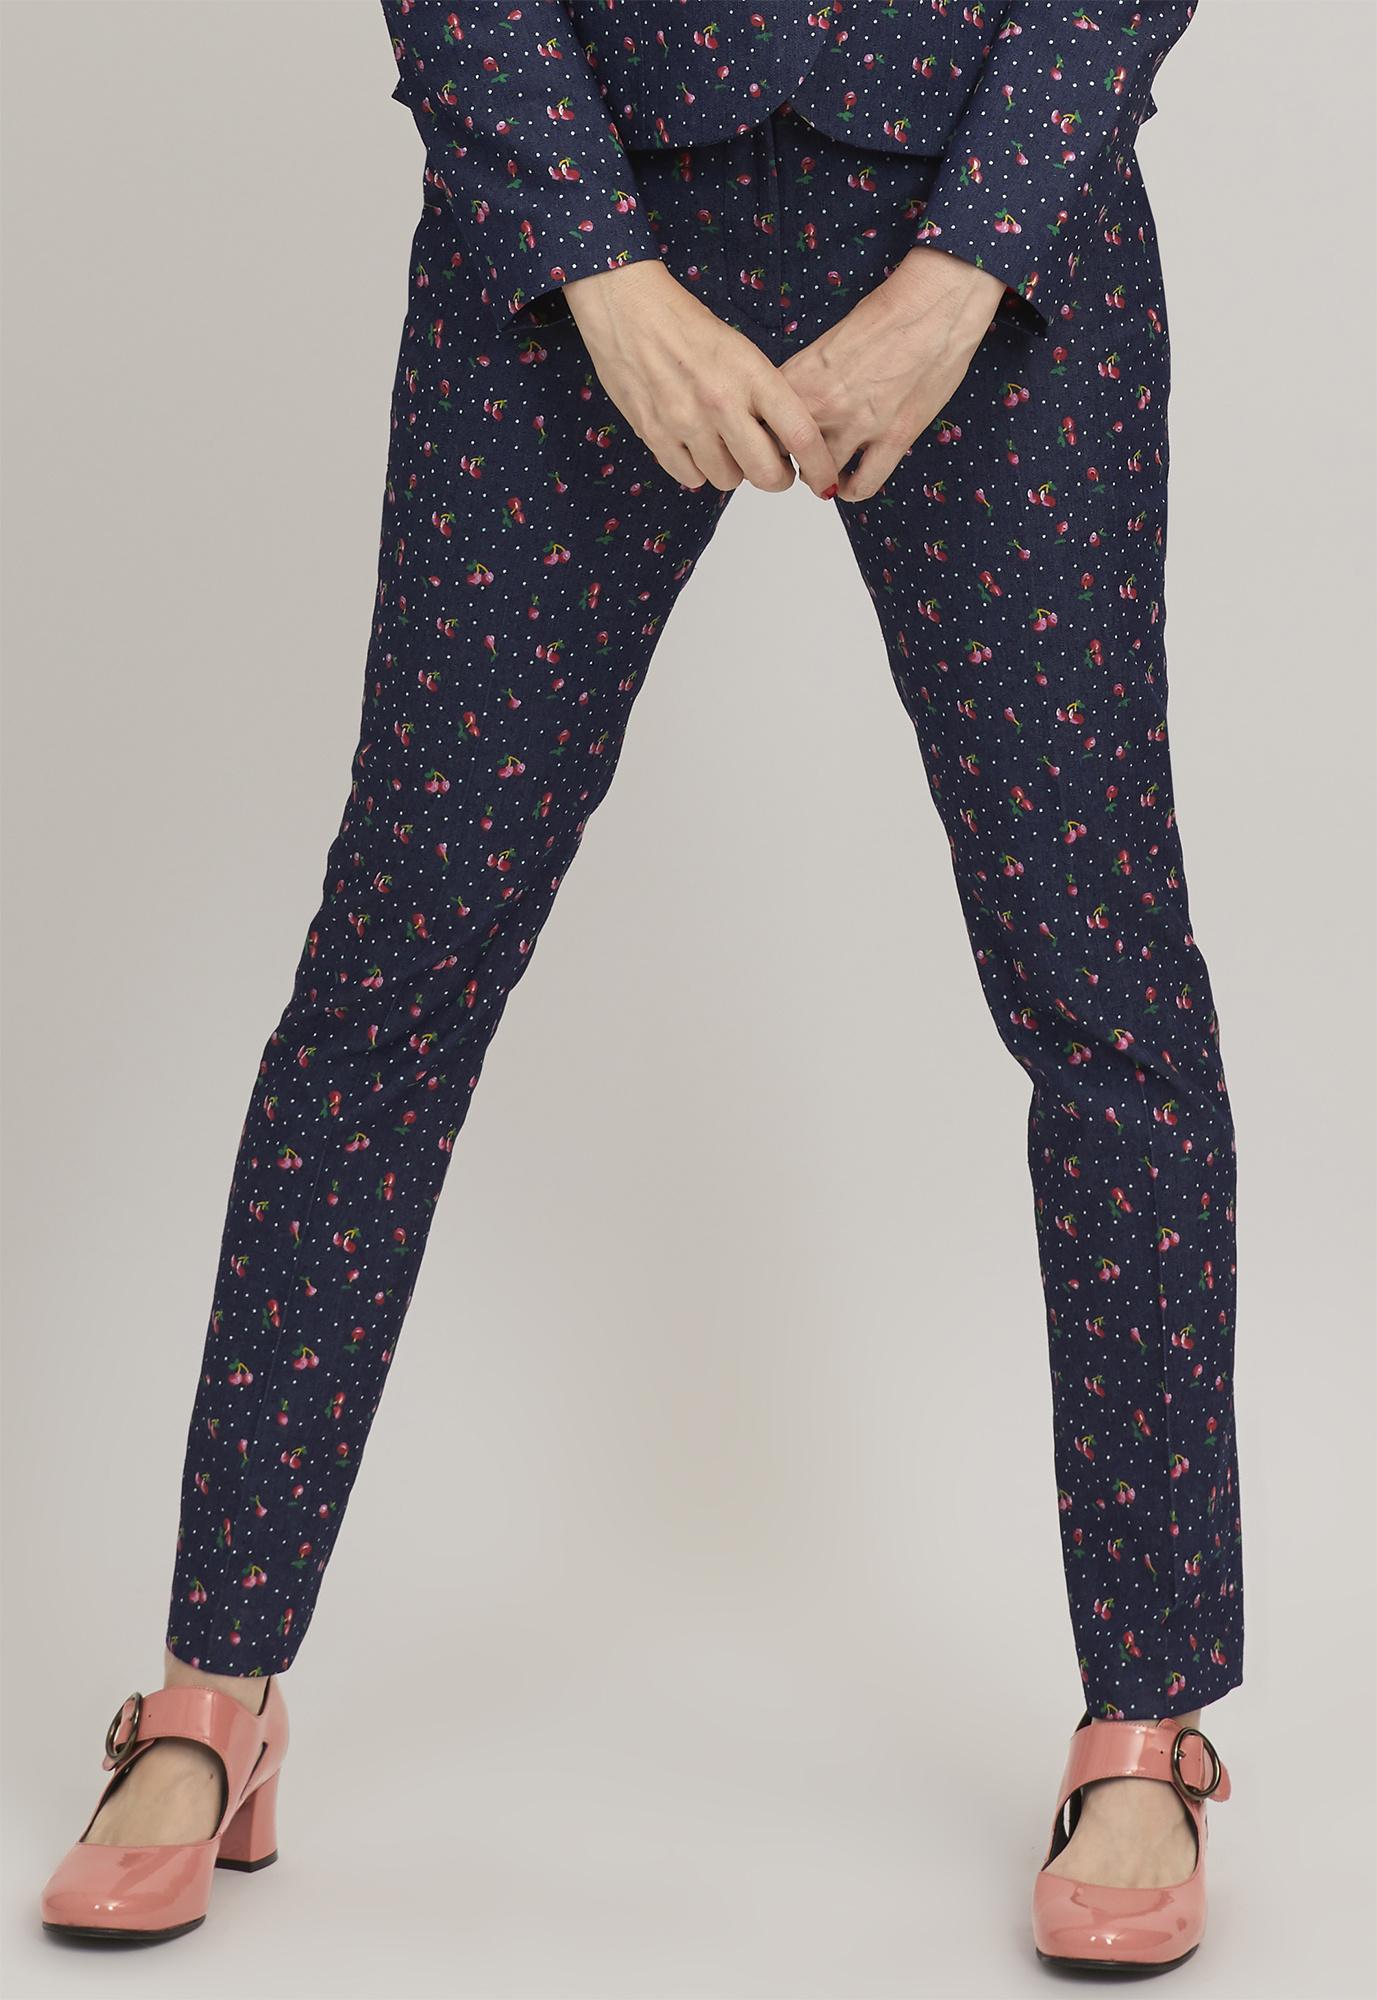 Tant Sofia-Cherrylove Pants, Margot